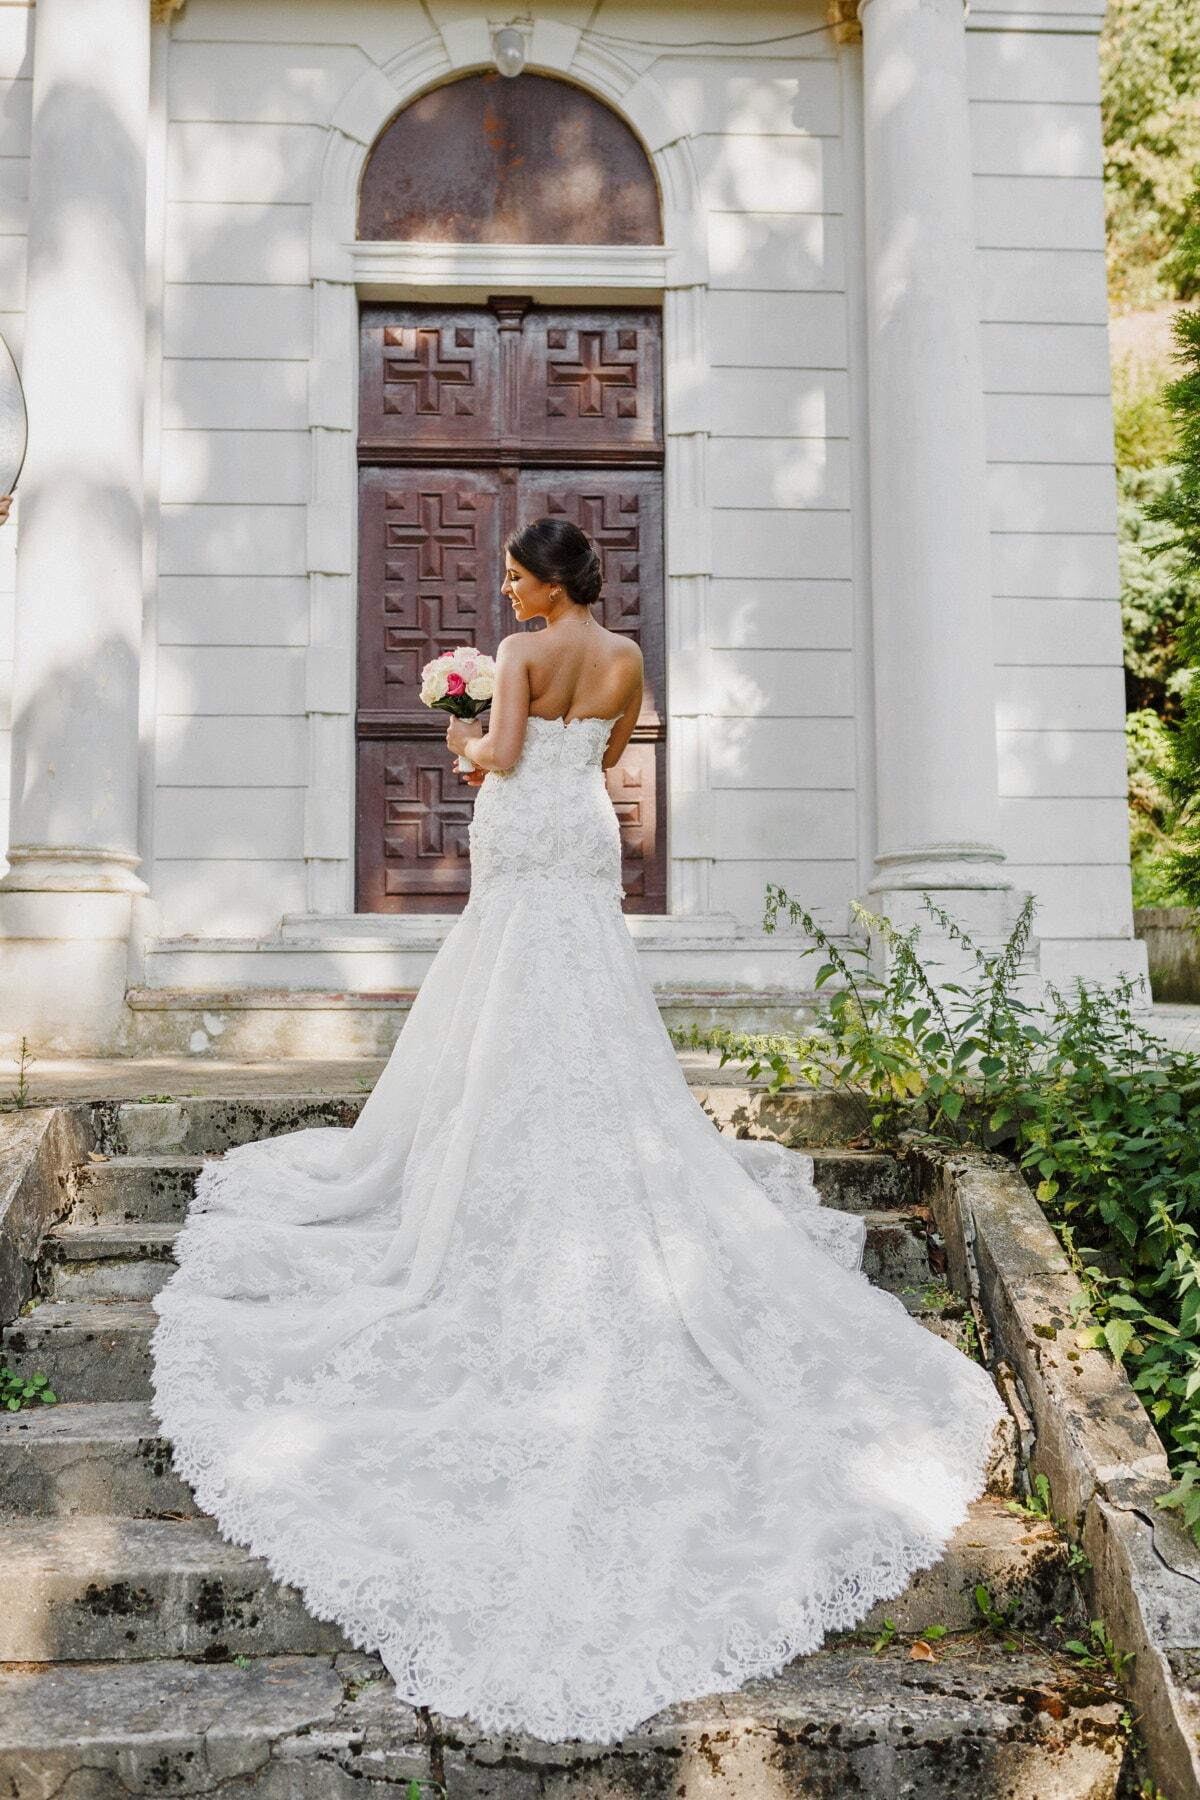 schodisko, svadobné šaty, nevesta, pózovanie, šaty, manželstvo, láska, svadba, vonku, architektúra